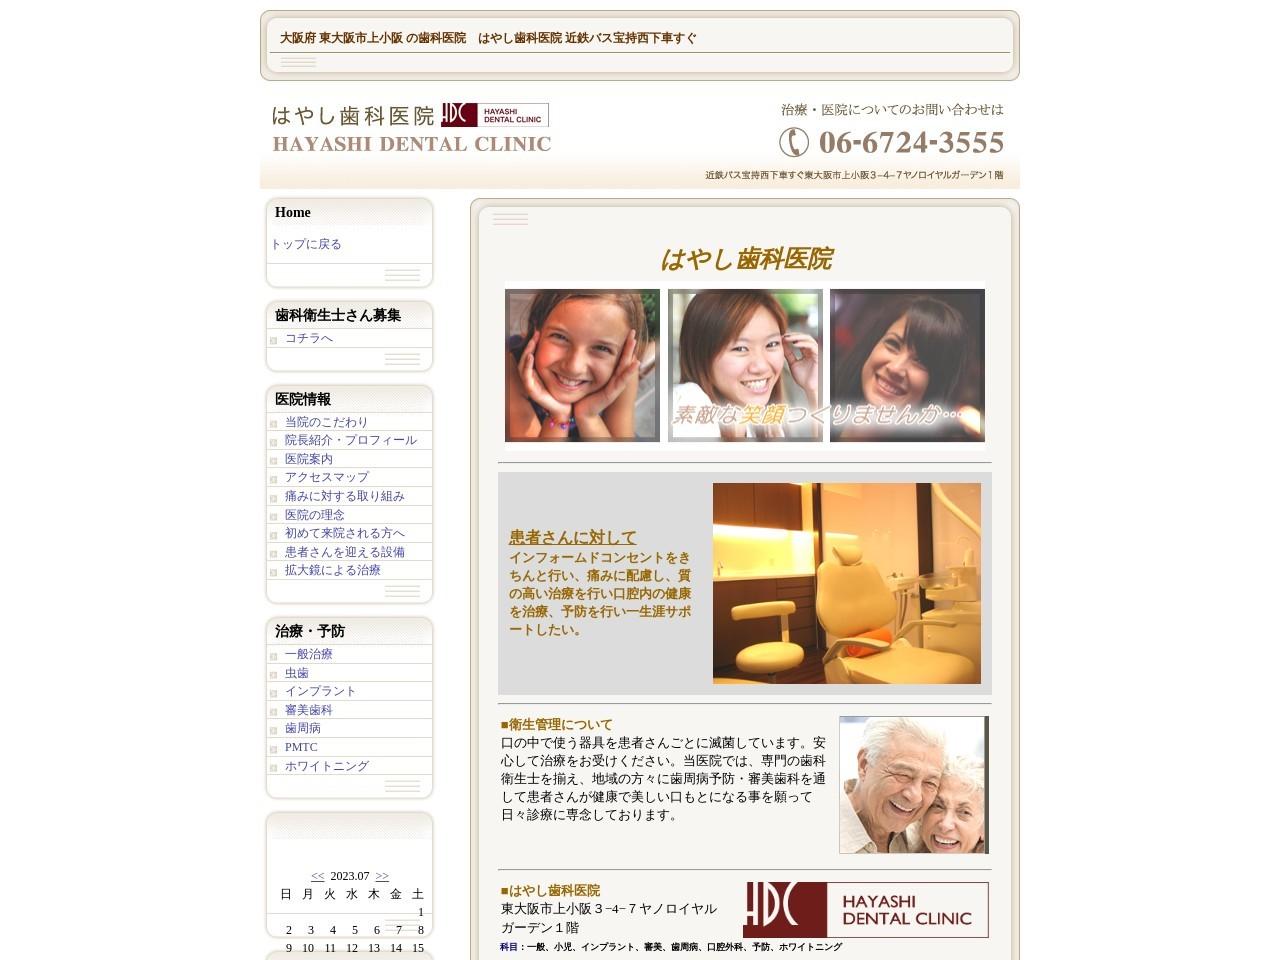 はやし歯科医院 (大阪府東大阪市)